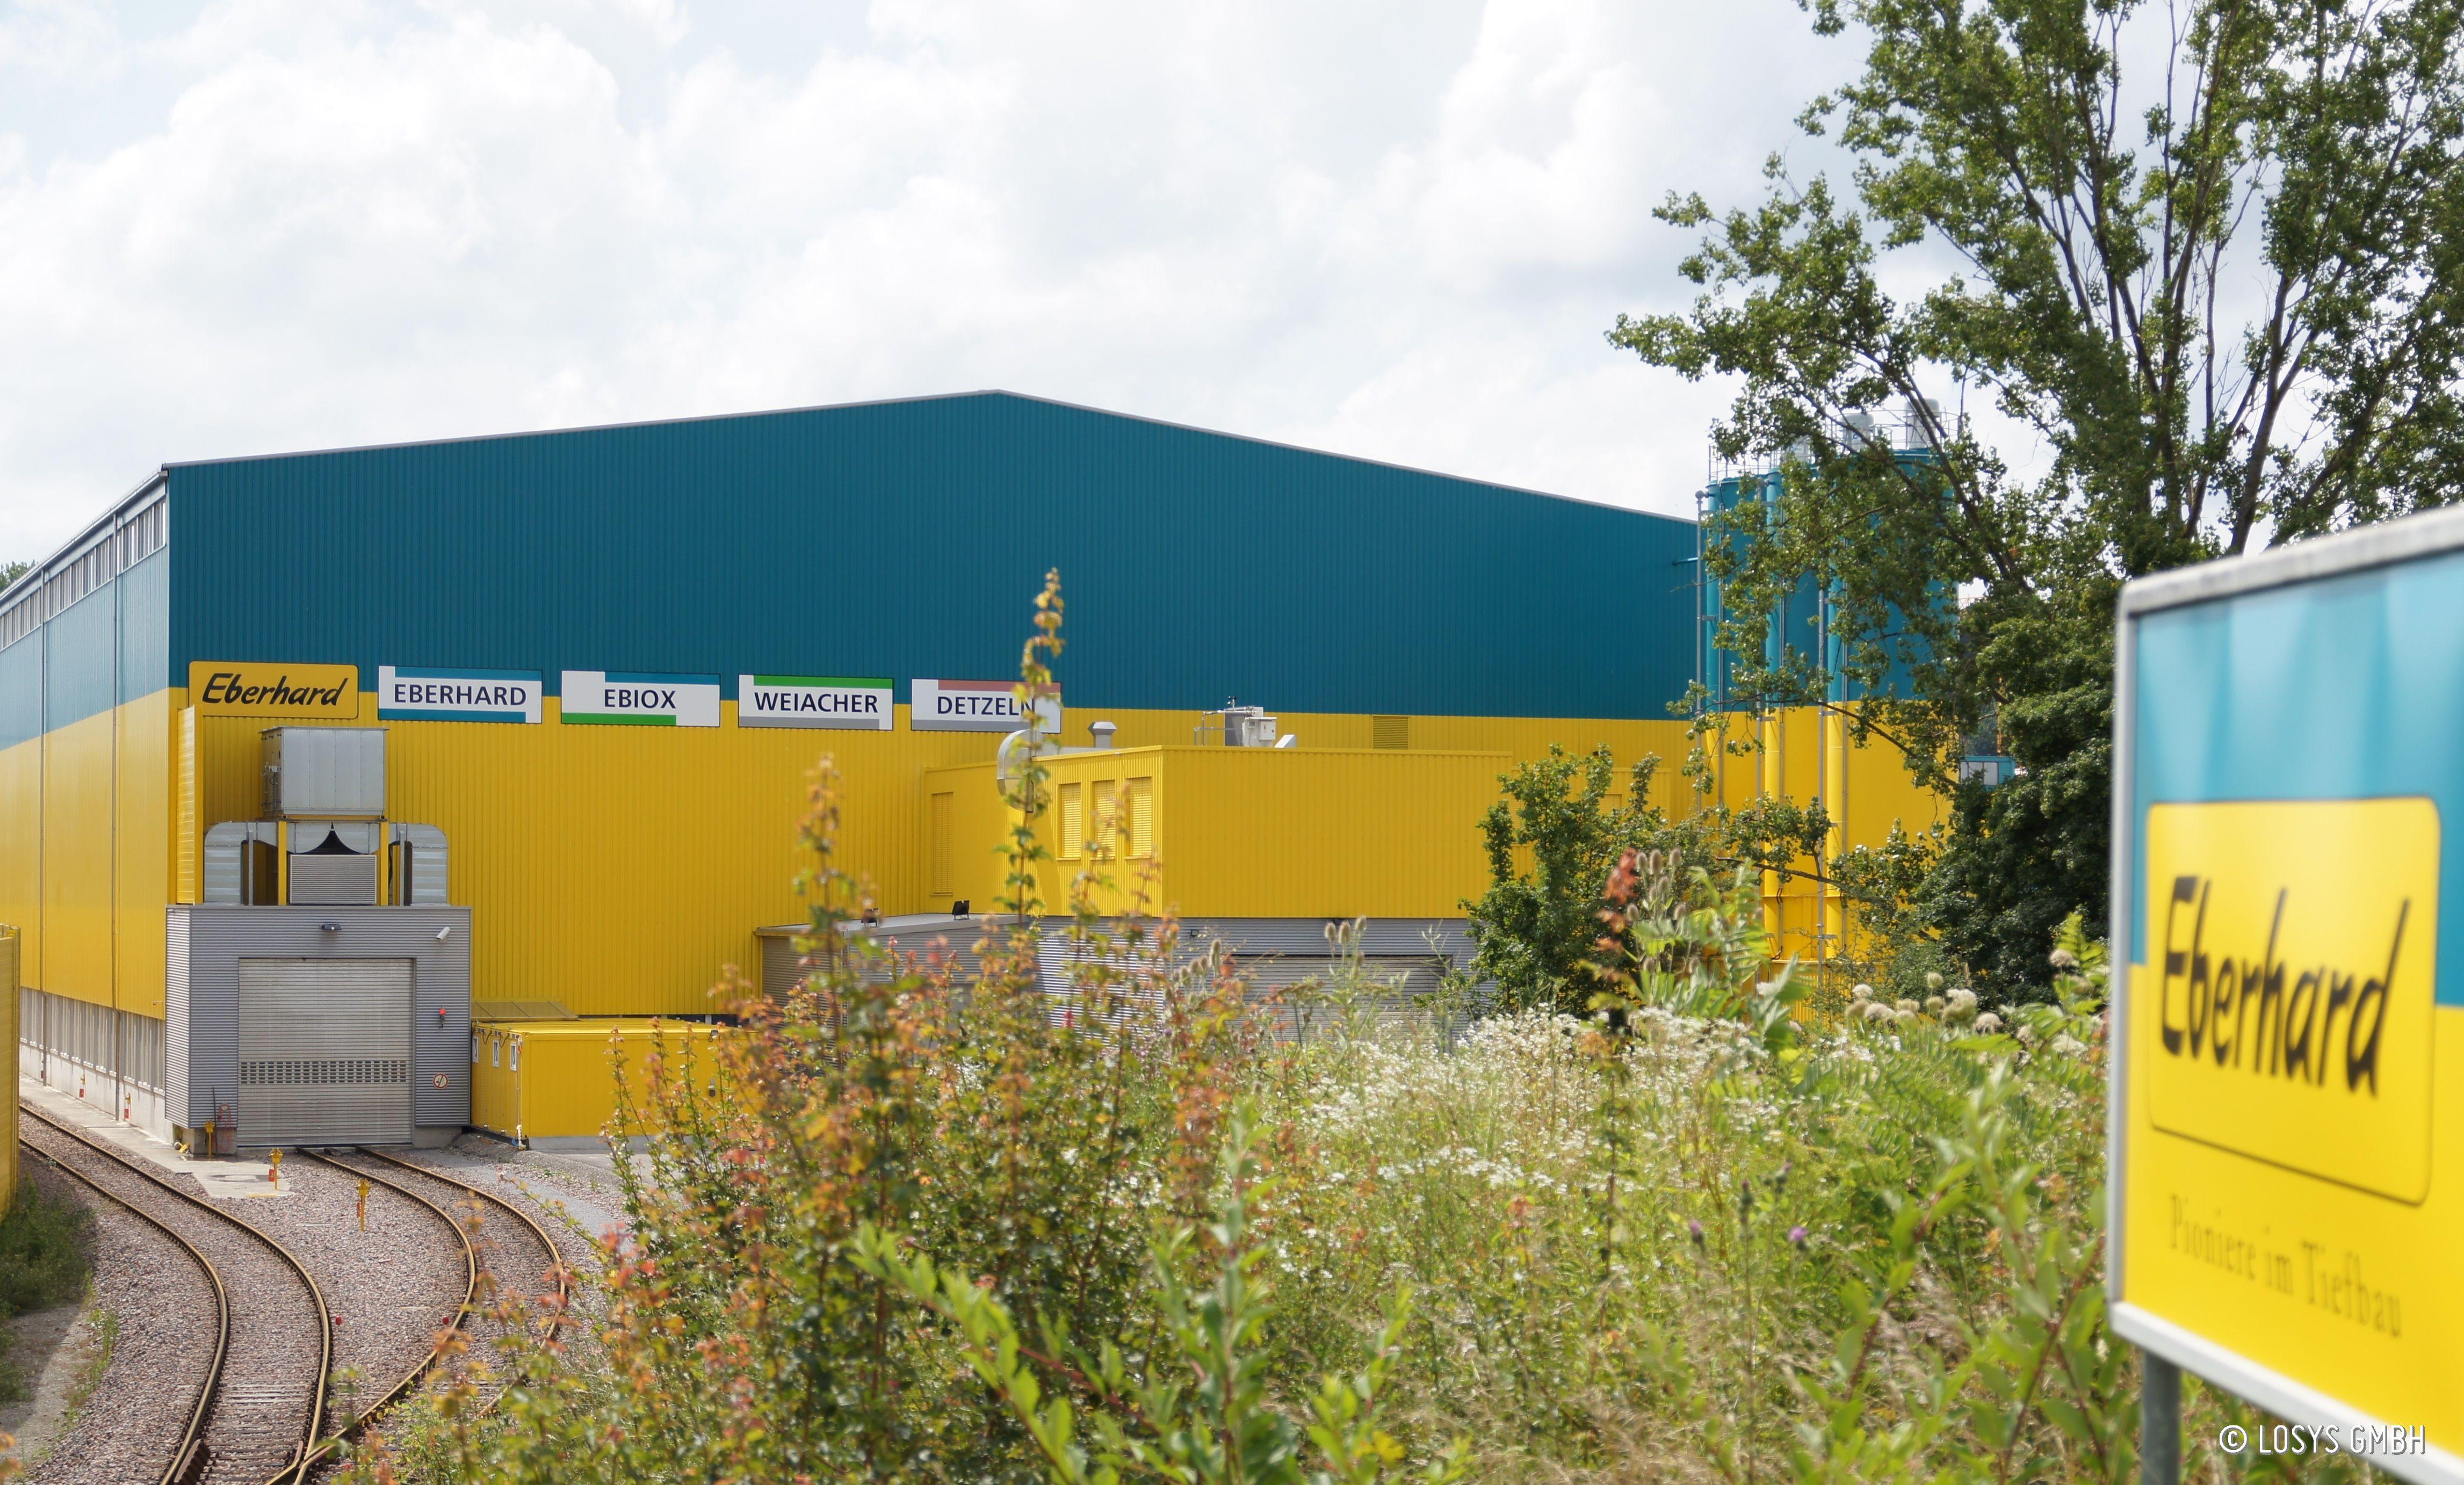 Bodenbehandlungszentrum Eberhard Recycling